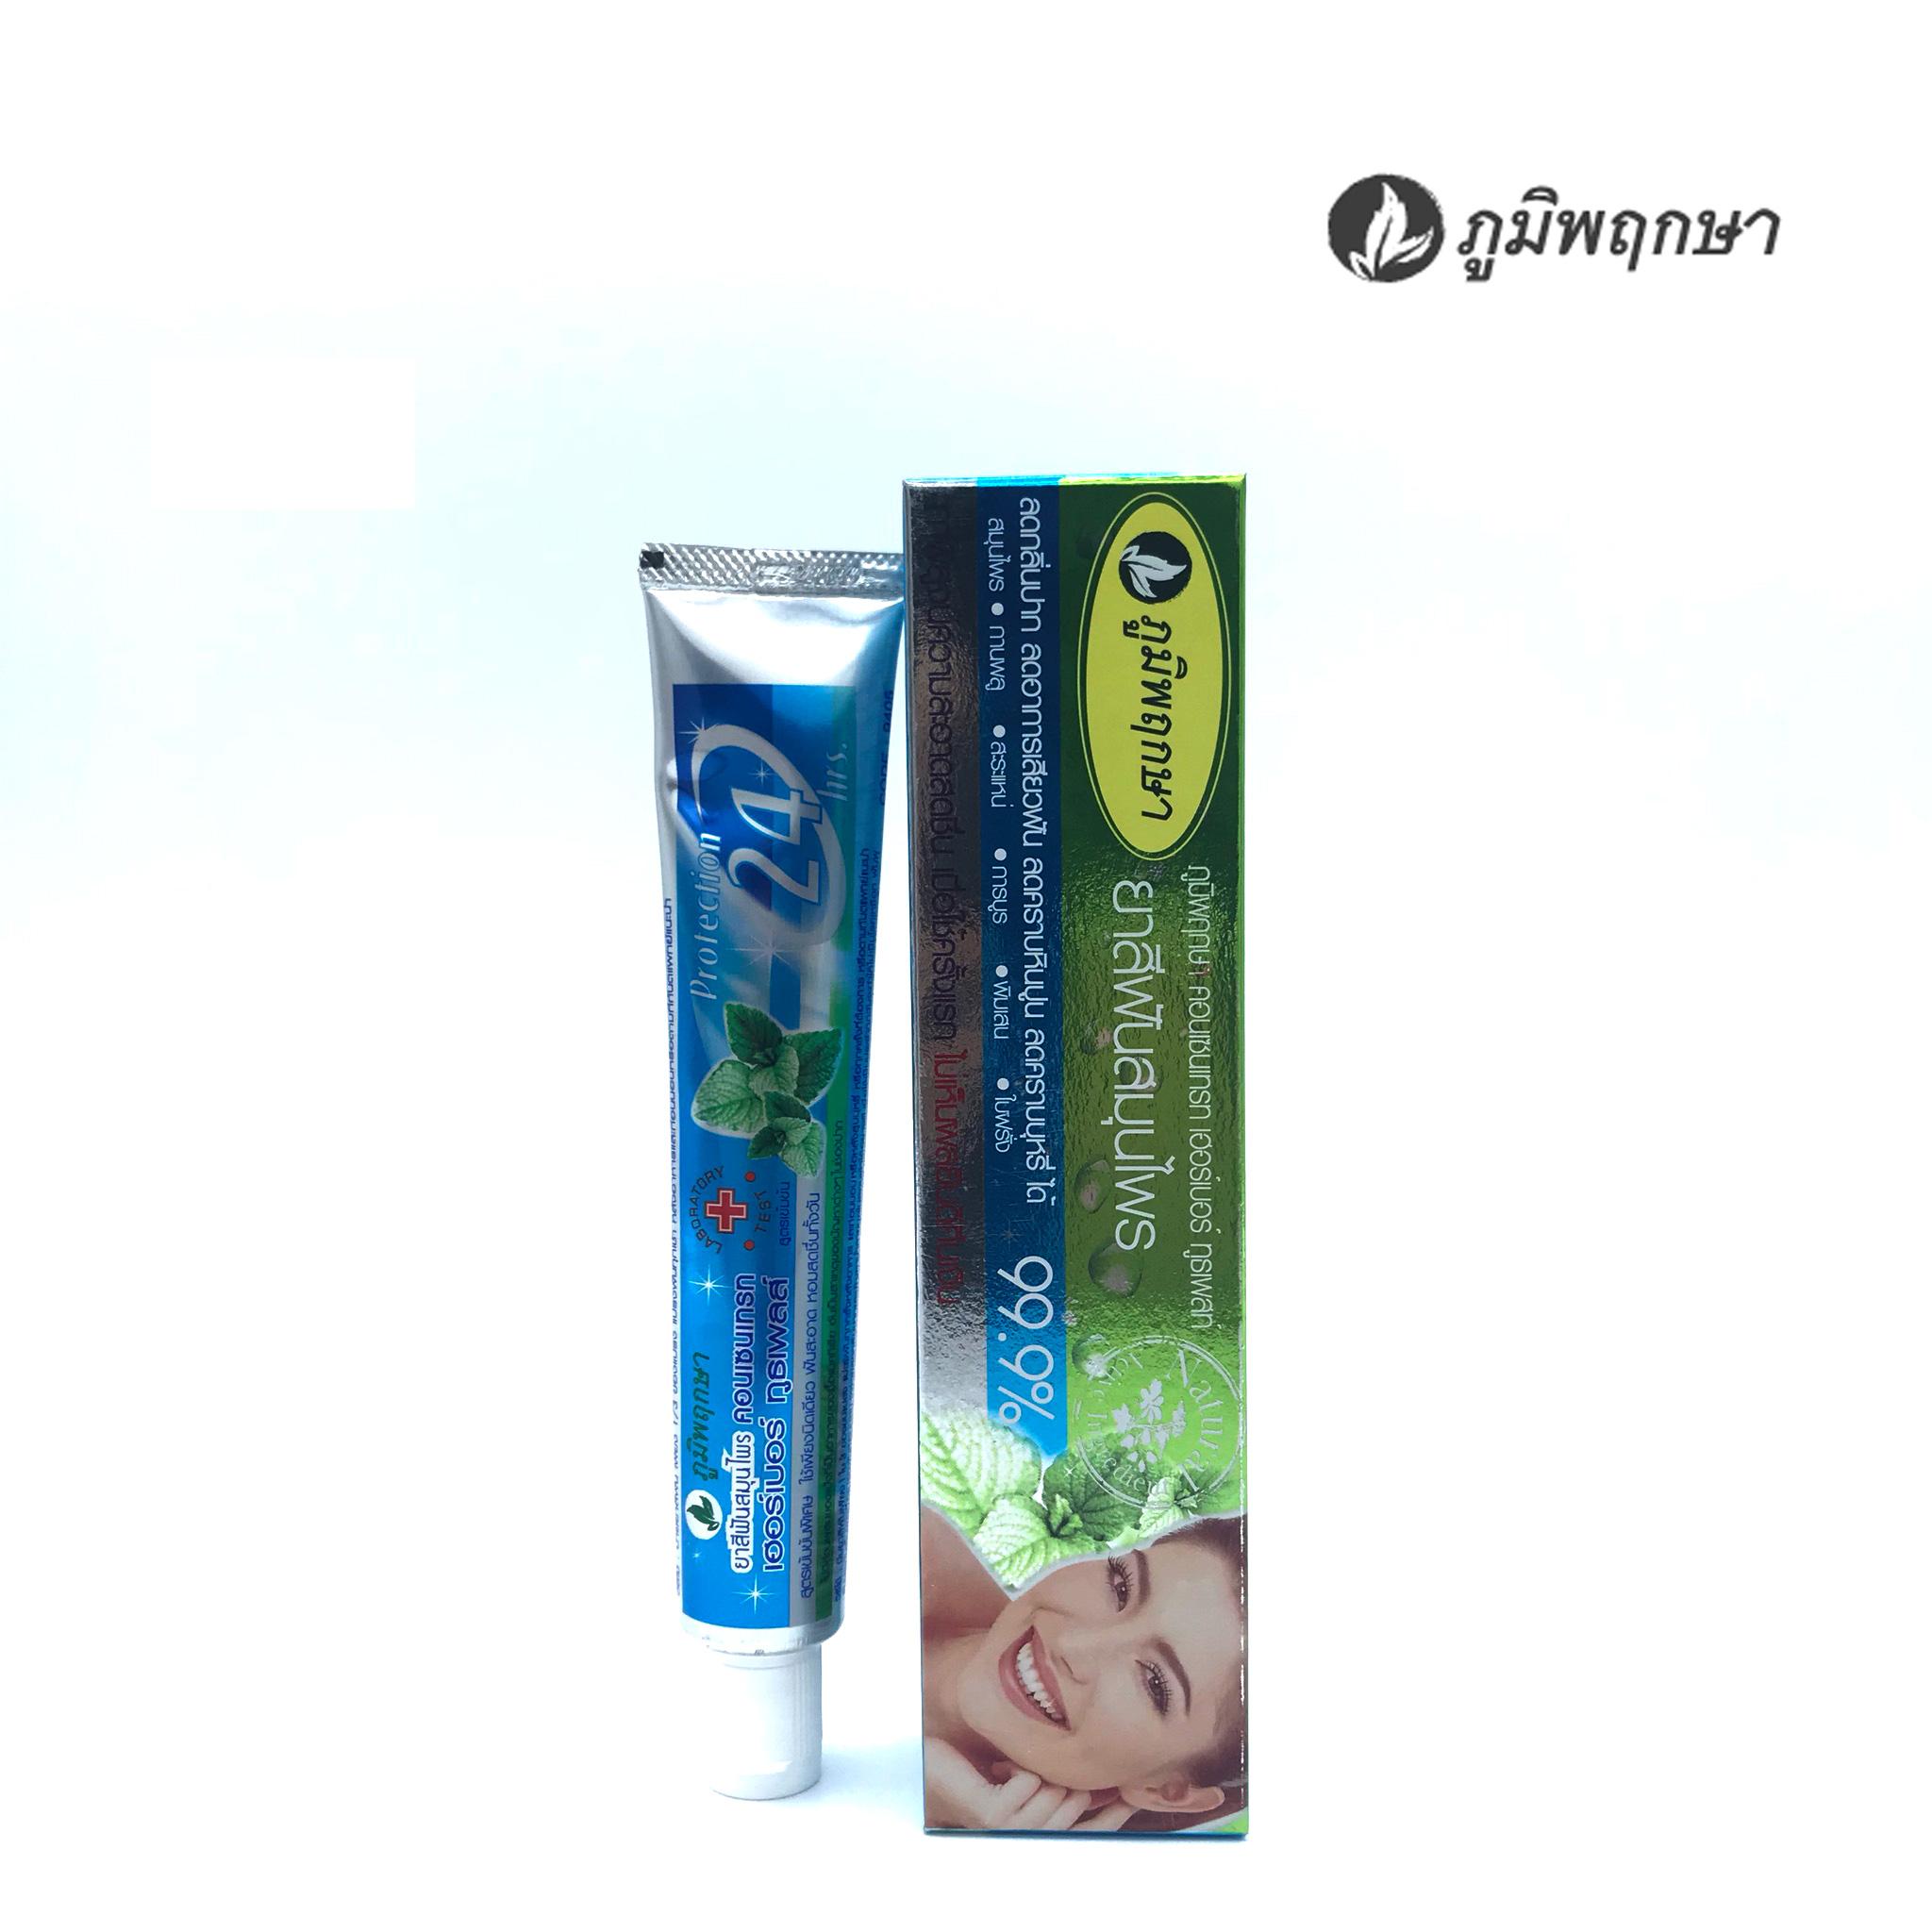 ยาสีฟันสมุนไพรภูมิพฤกษา รสดั้งเดิม (แบบหลอด)